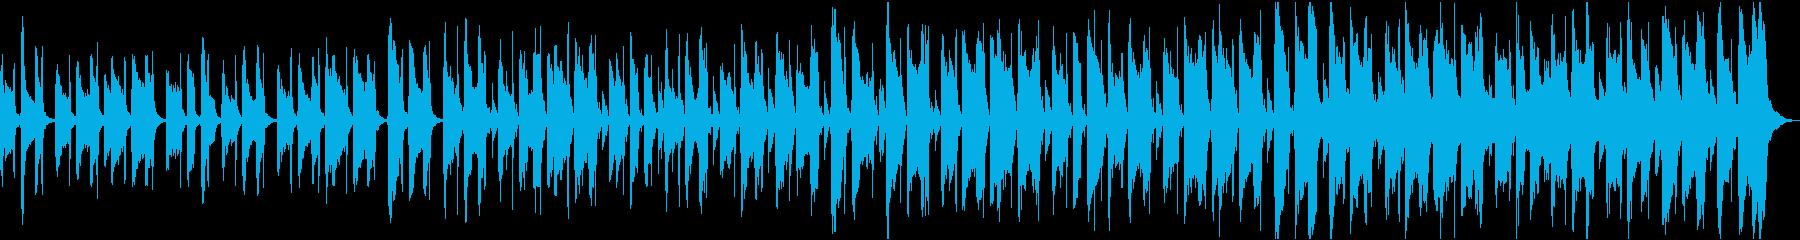 爽やかゆったりほのぼの軽快なボサノバbの再生済みの波形